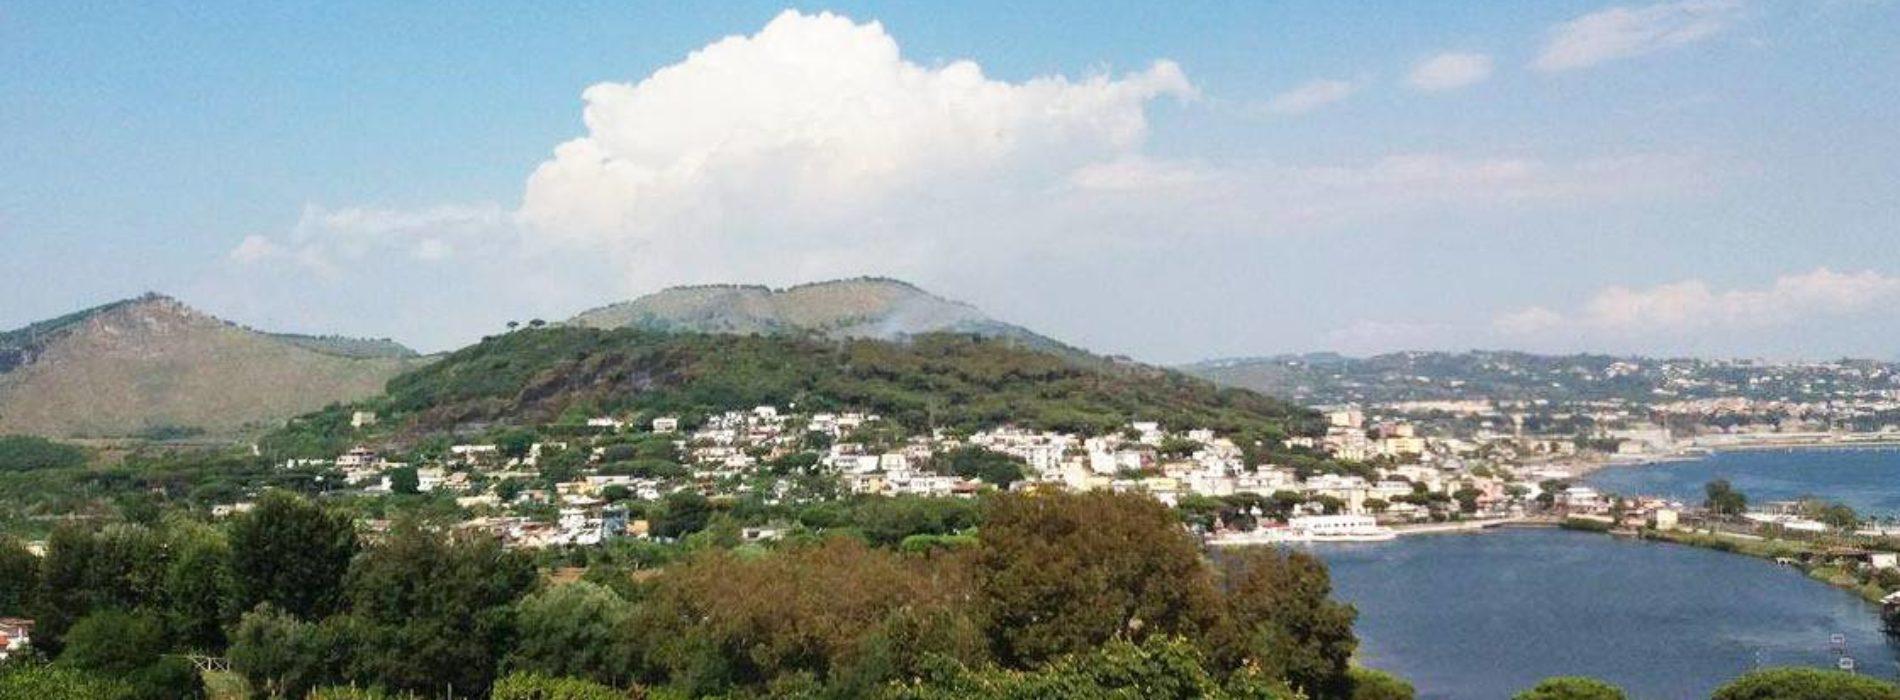 Il Monte Nuovo: un monte nato all'improvviso